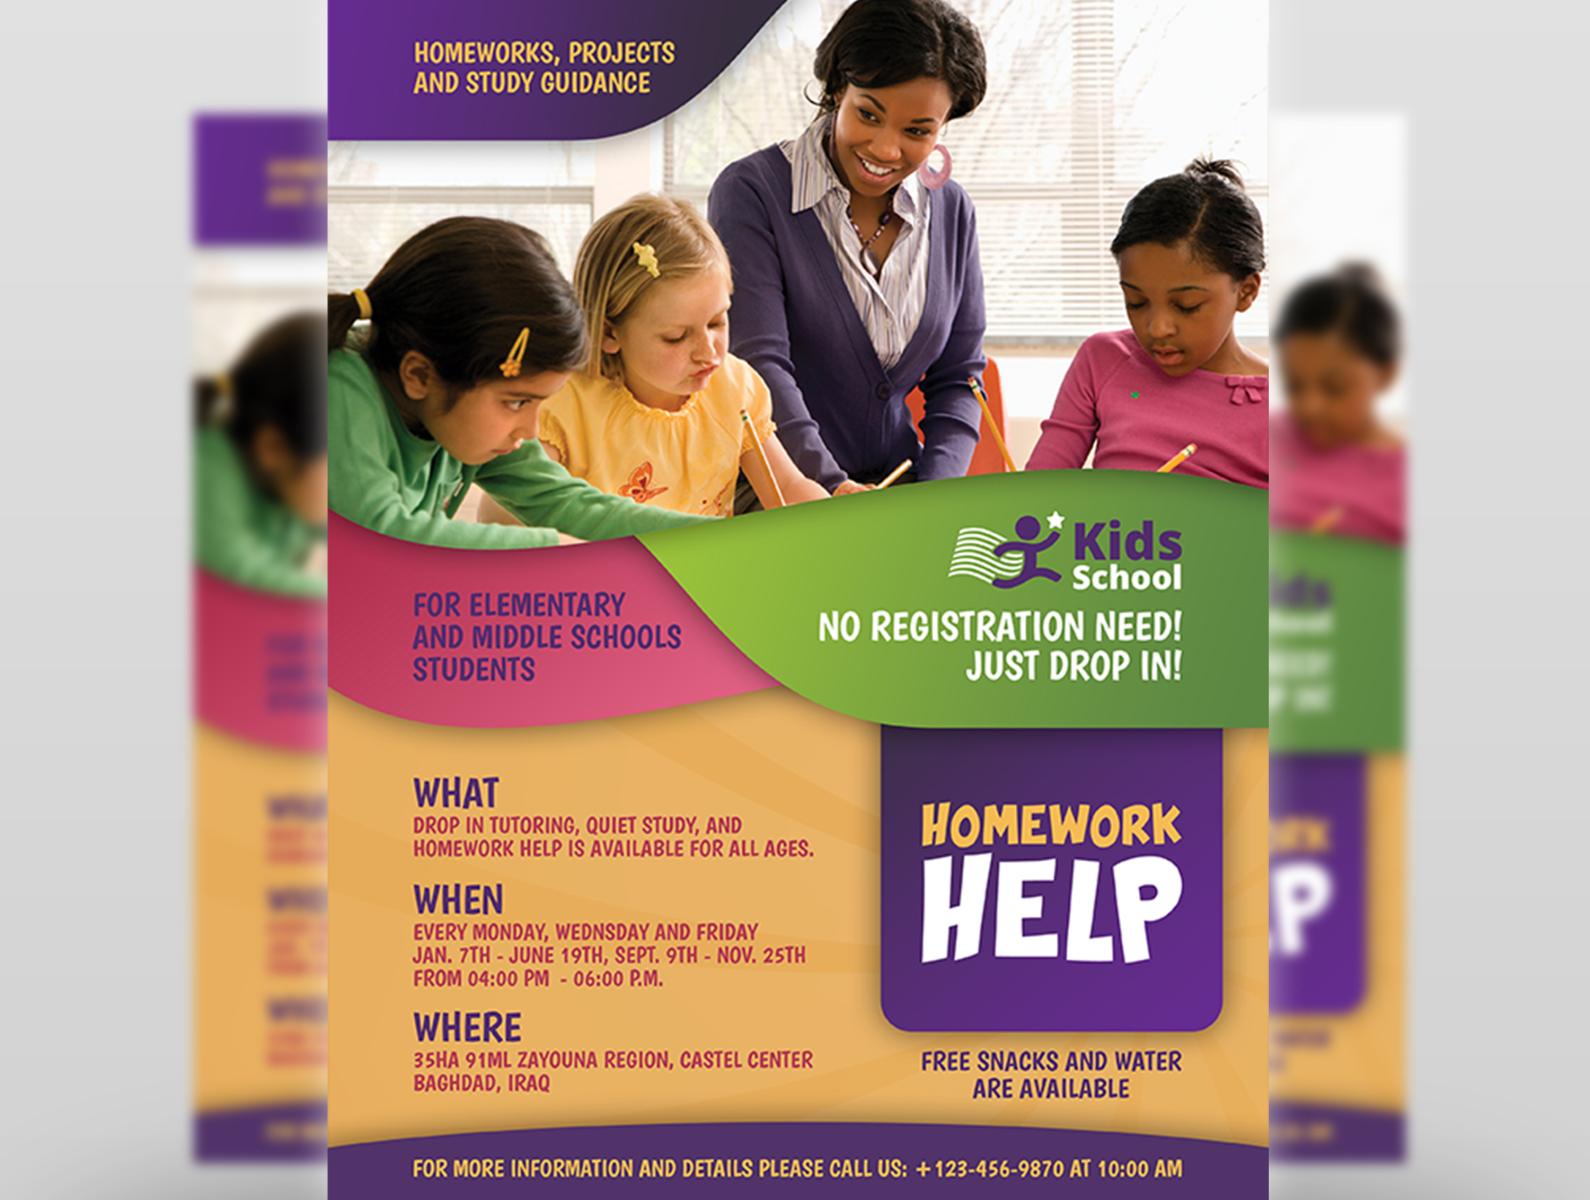 After School Homework Help - Get expert homework help